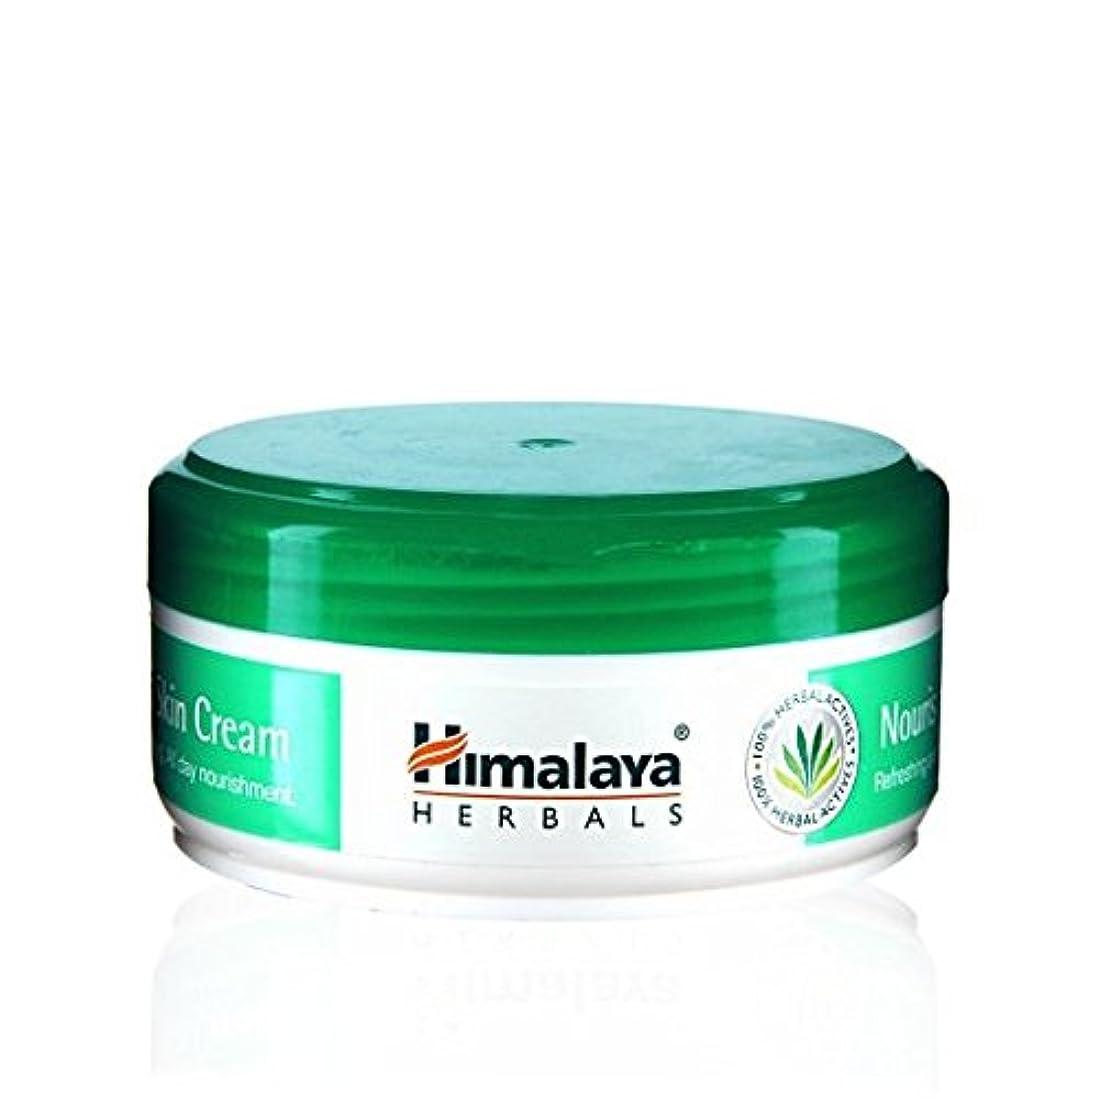 アクセサリーサッカー動力学Himalaya Nourishing Skin Cream 250ml